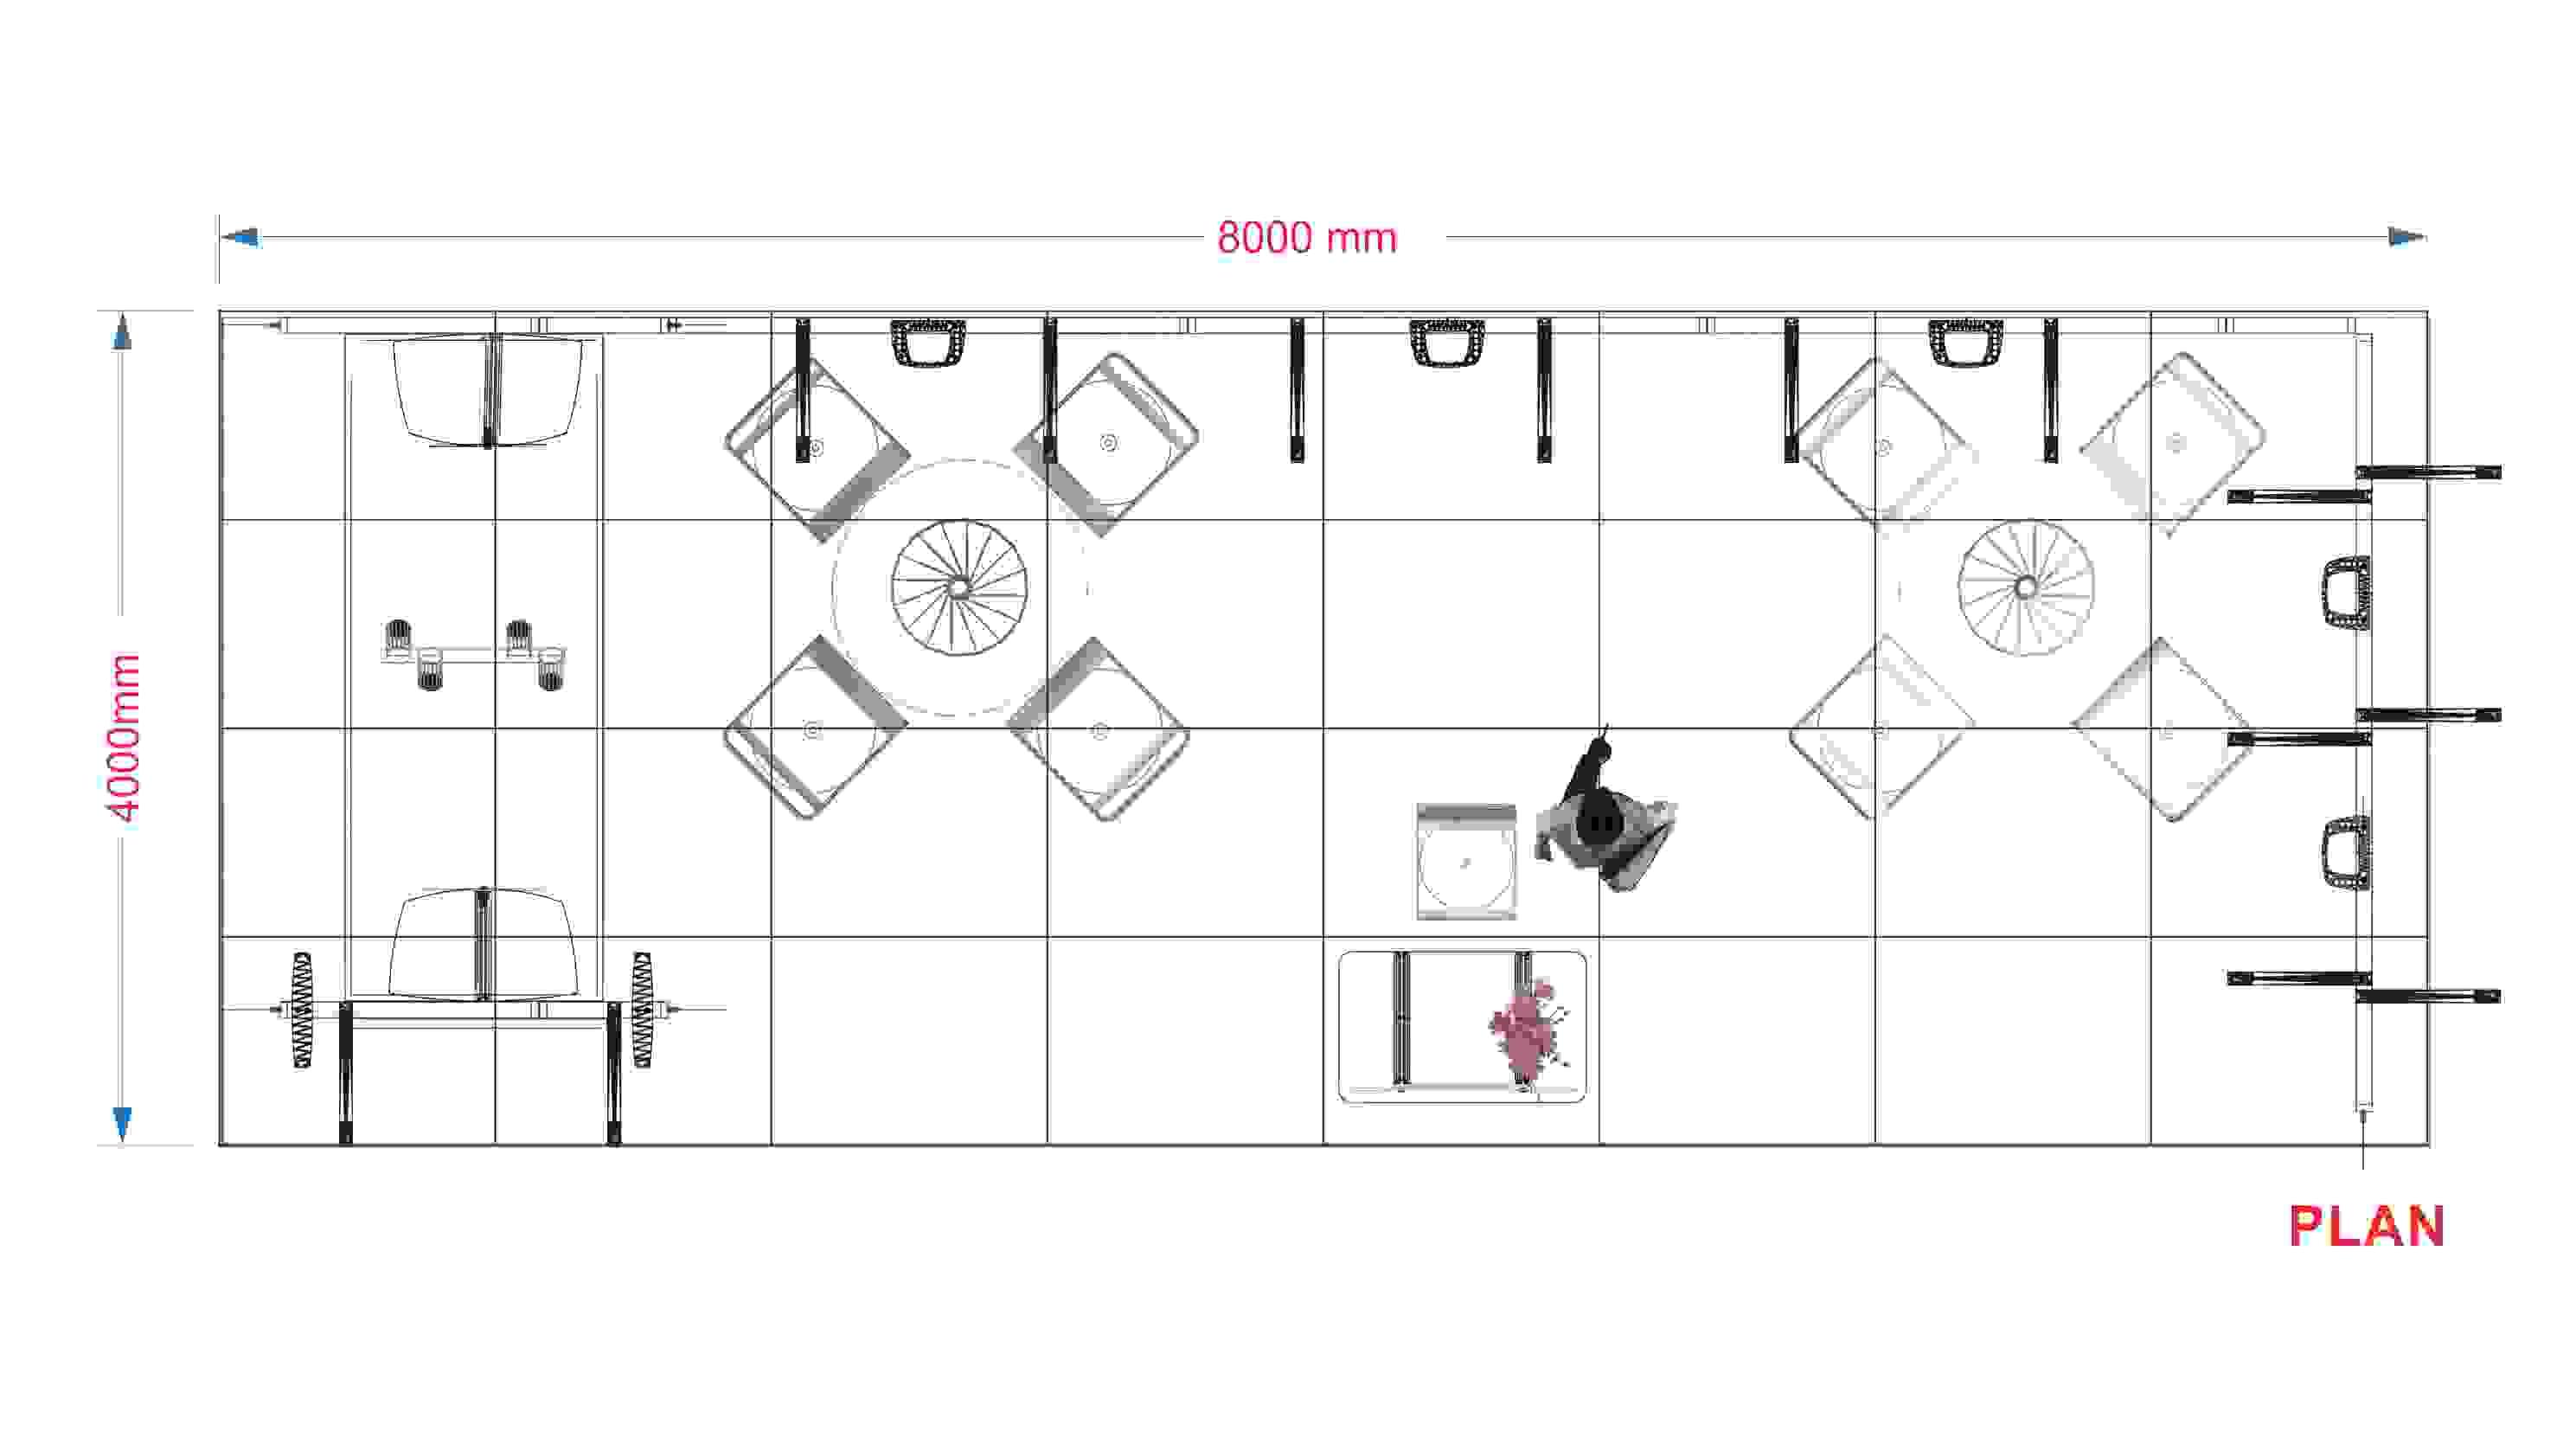 Exhibition Stand Plan : M corner exhibition stand stands